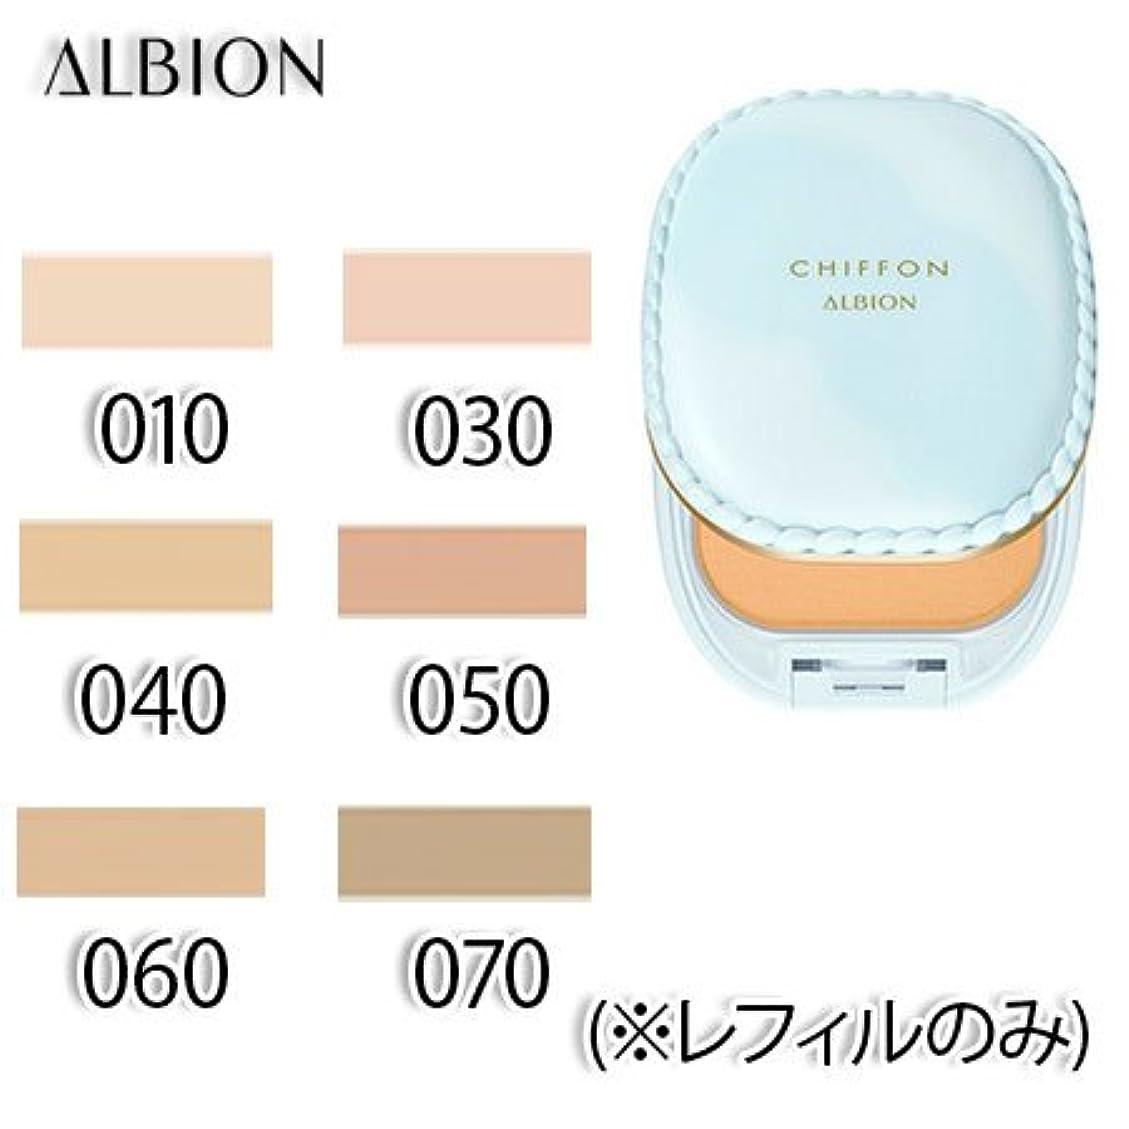 所得アンティーク論理的にアルビオン スノー ホワイト シフォン 全6色 SPF25?PA++ 10g (レフィルのみ) -ALBION- 050